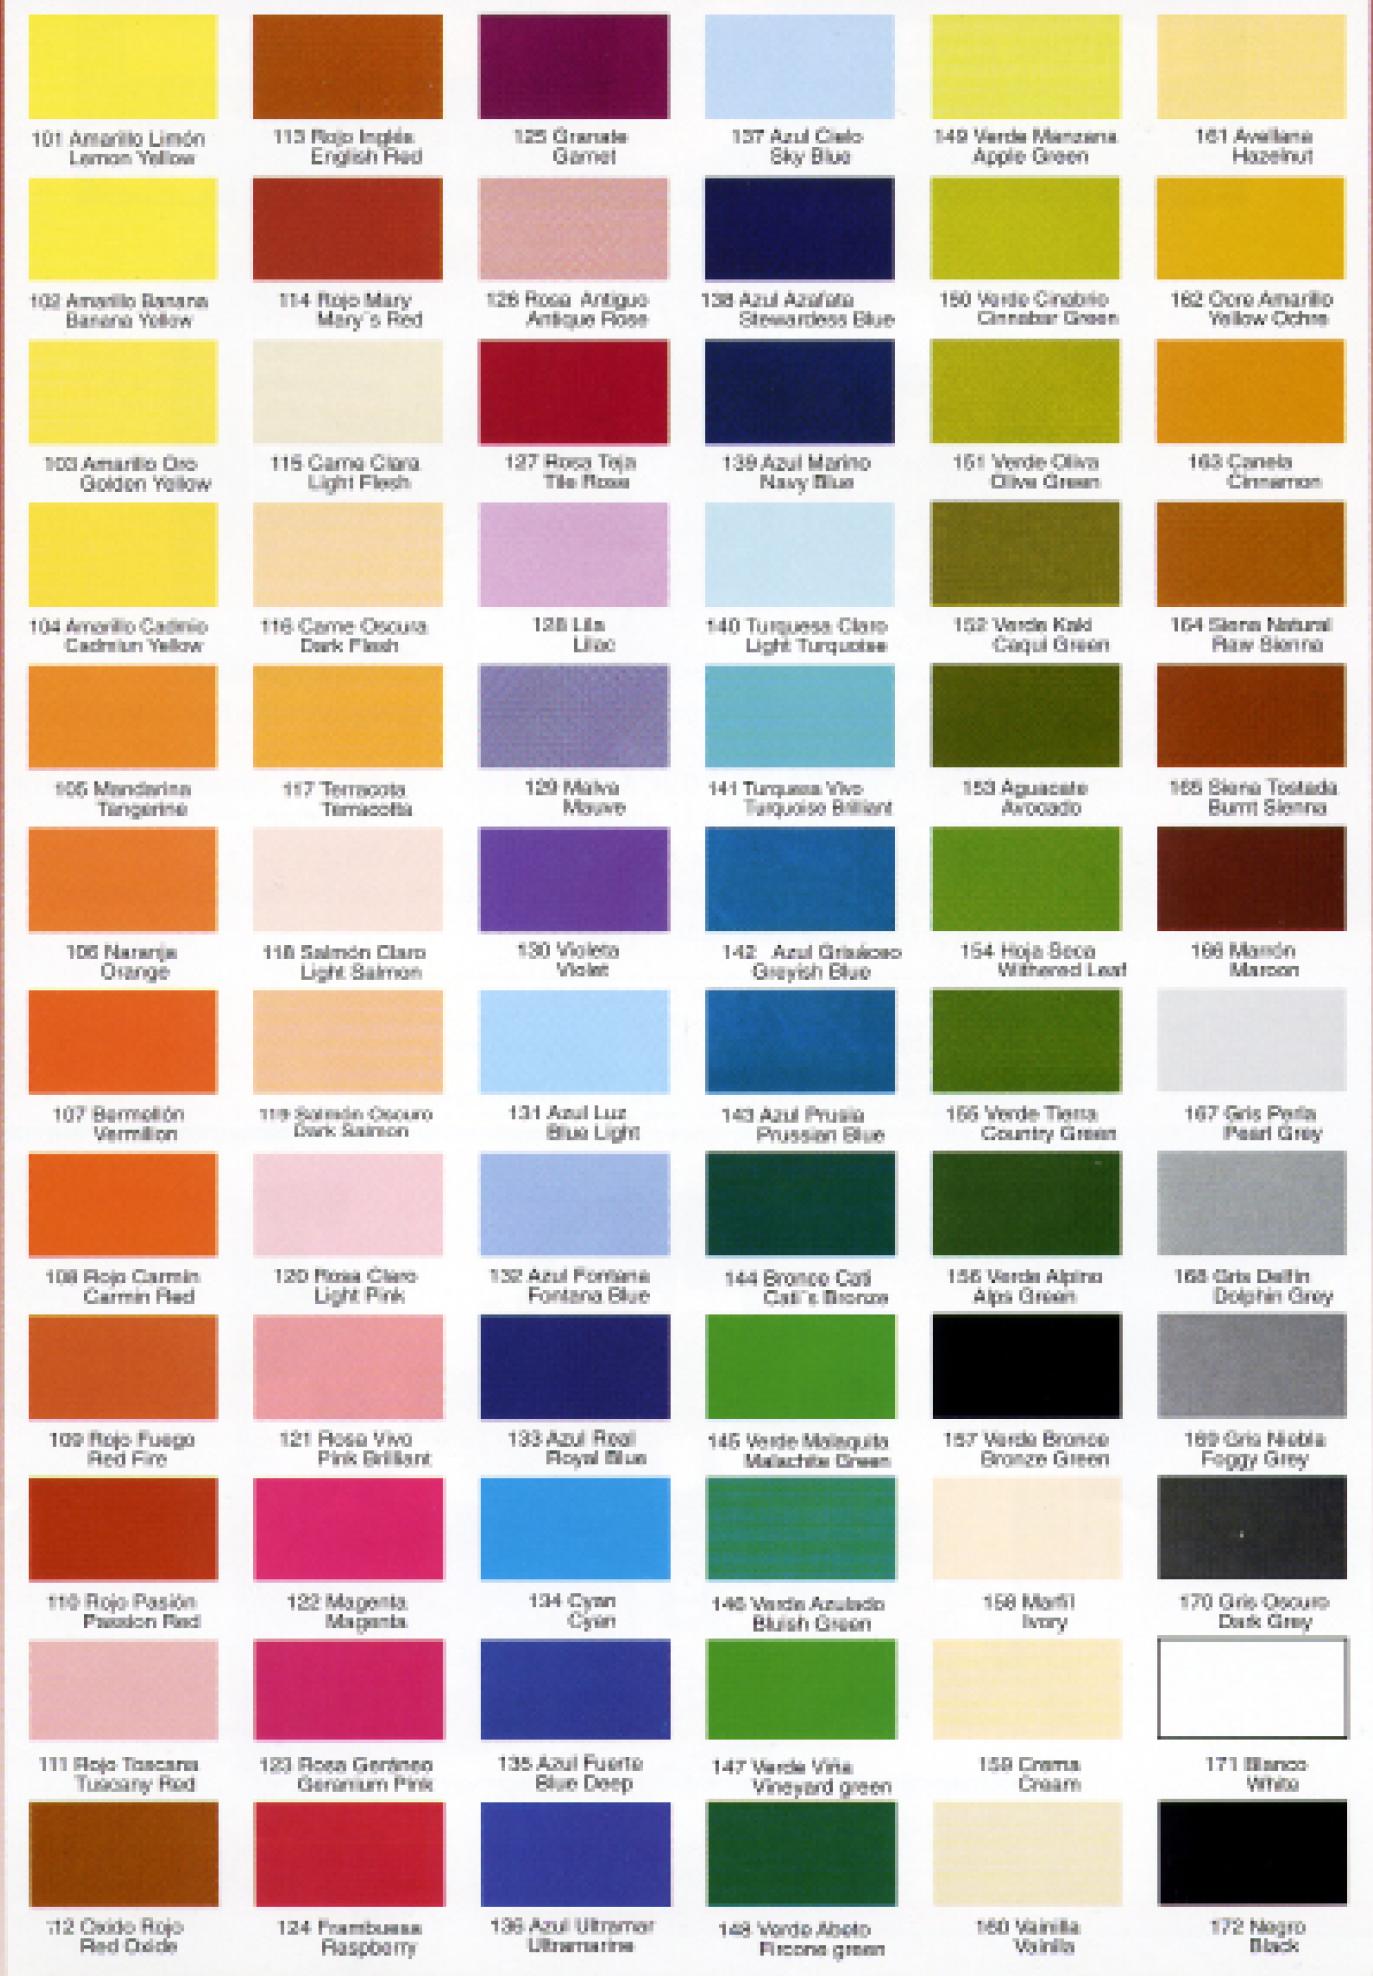 Carta Colores Europea Png 1373 1976 Carta De Colores Carta De Colores Pintura Colores De Pintura Para Exteriores